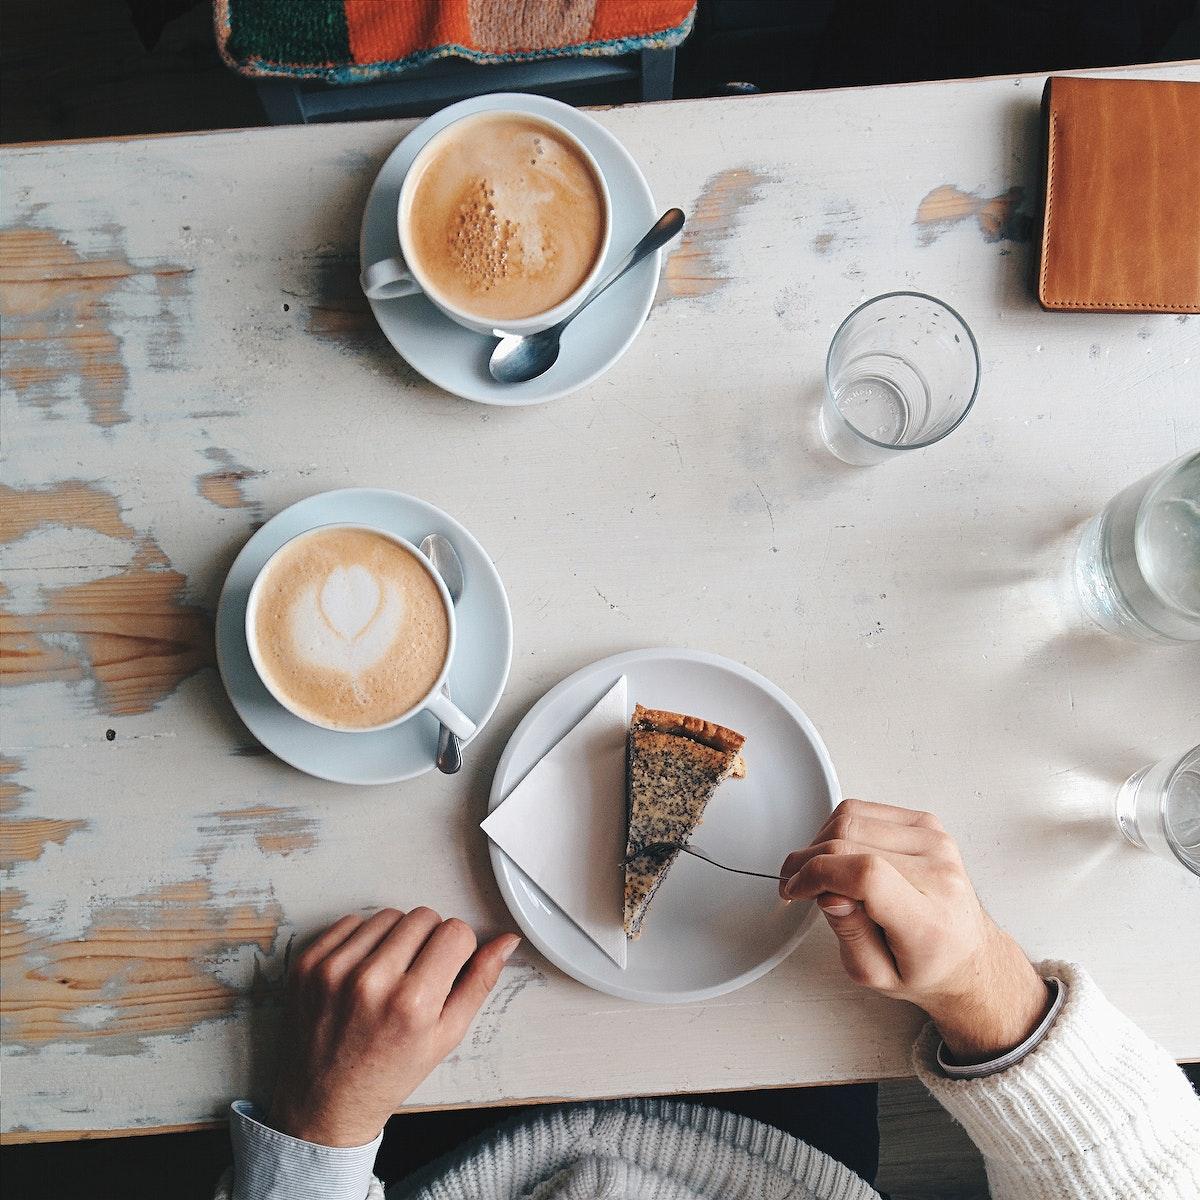 Whitesque coffee shop table